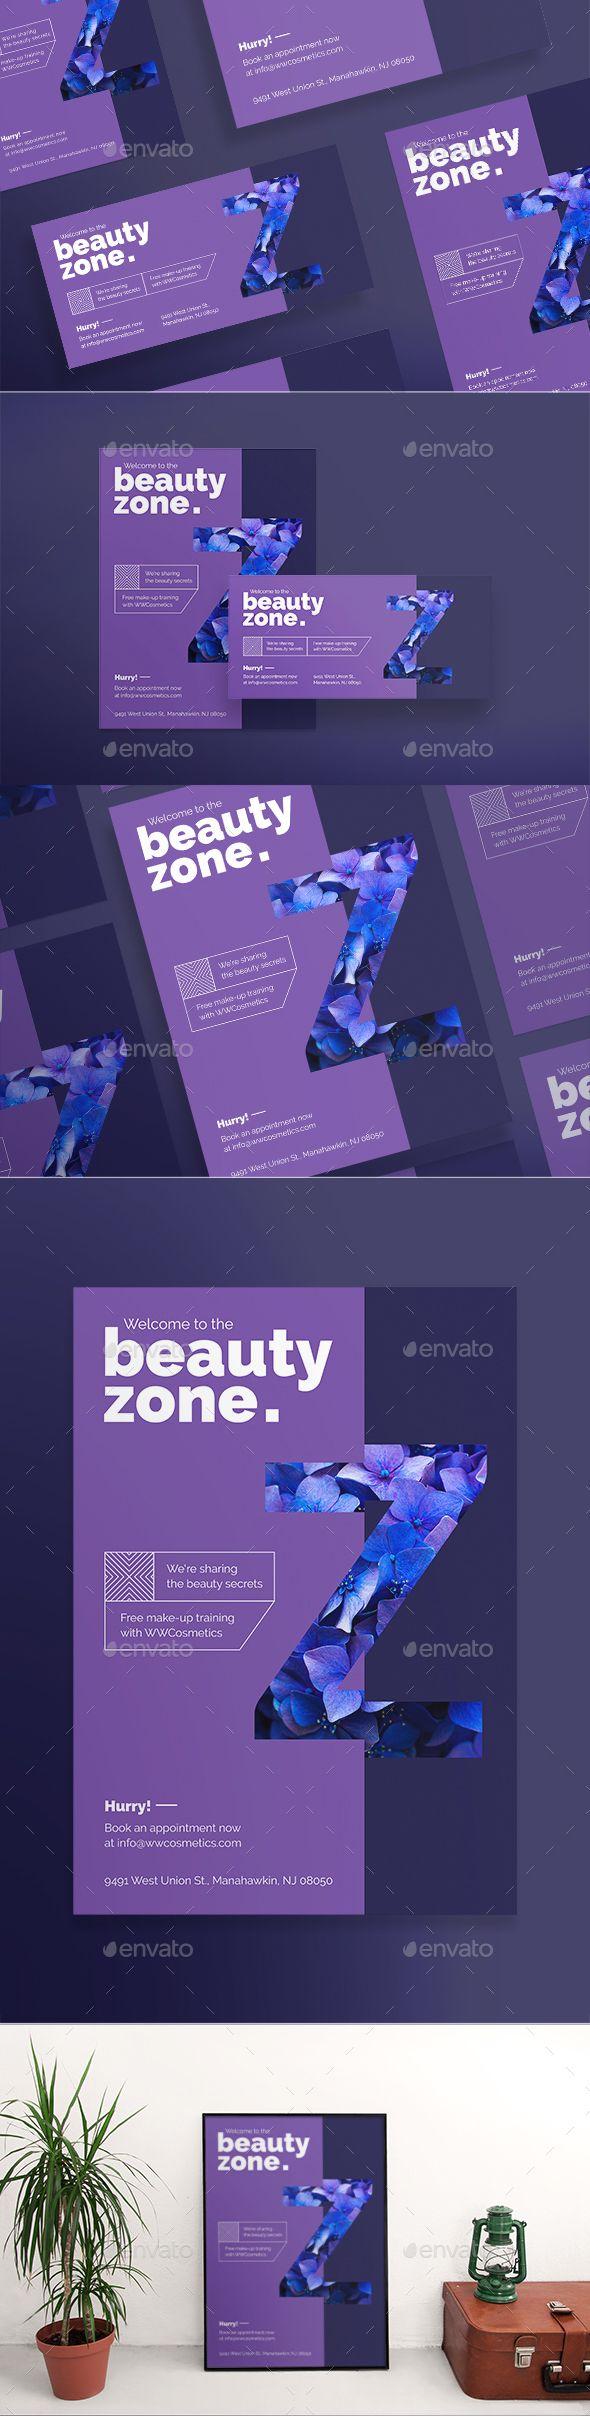 Beauty Zone Flyers Flyer template